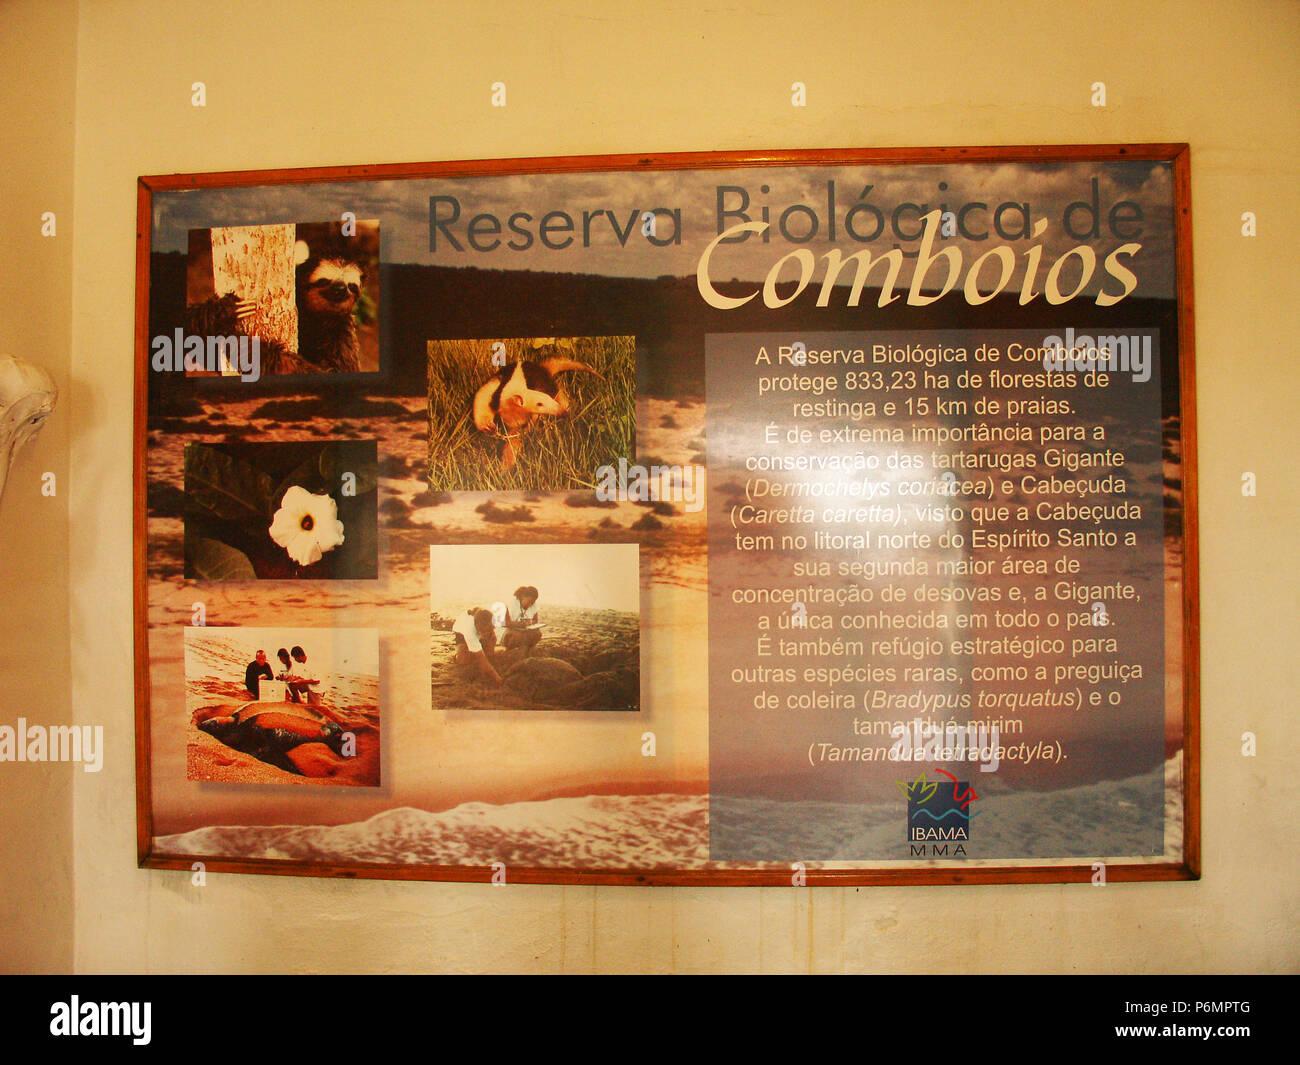 Protective Base, Sea Turtles, Comboios Biological Reserve Espírirto Santo, Brazil. Stock Photo